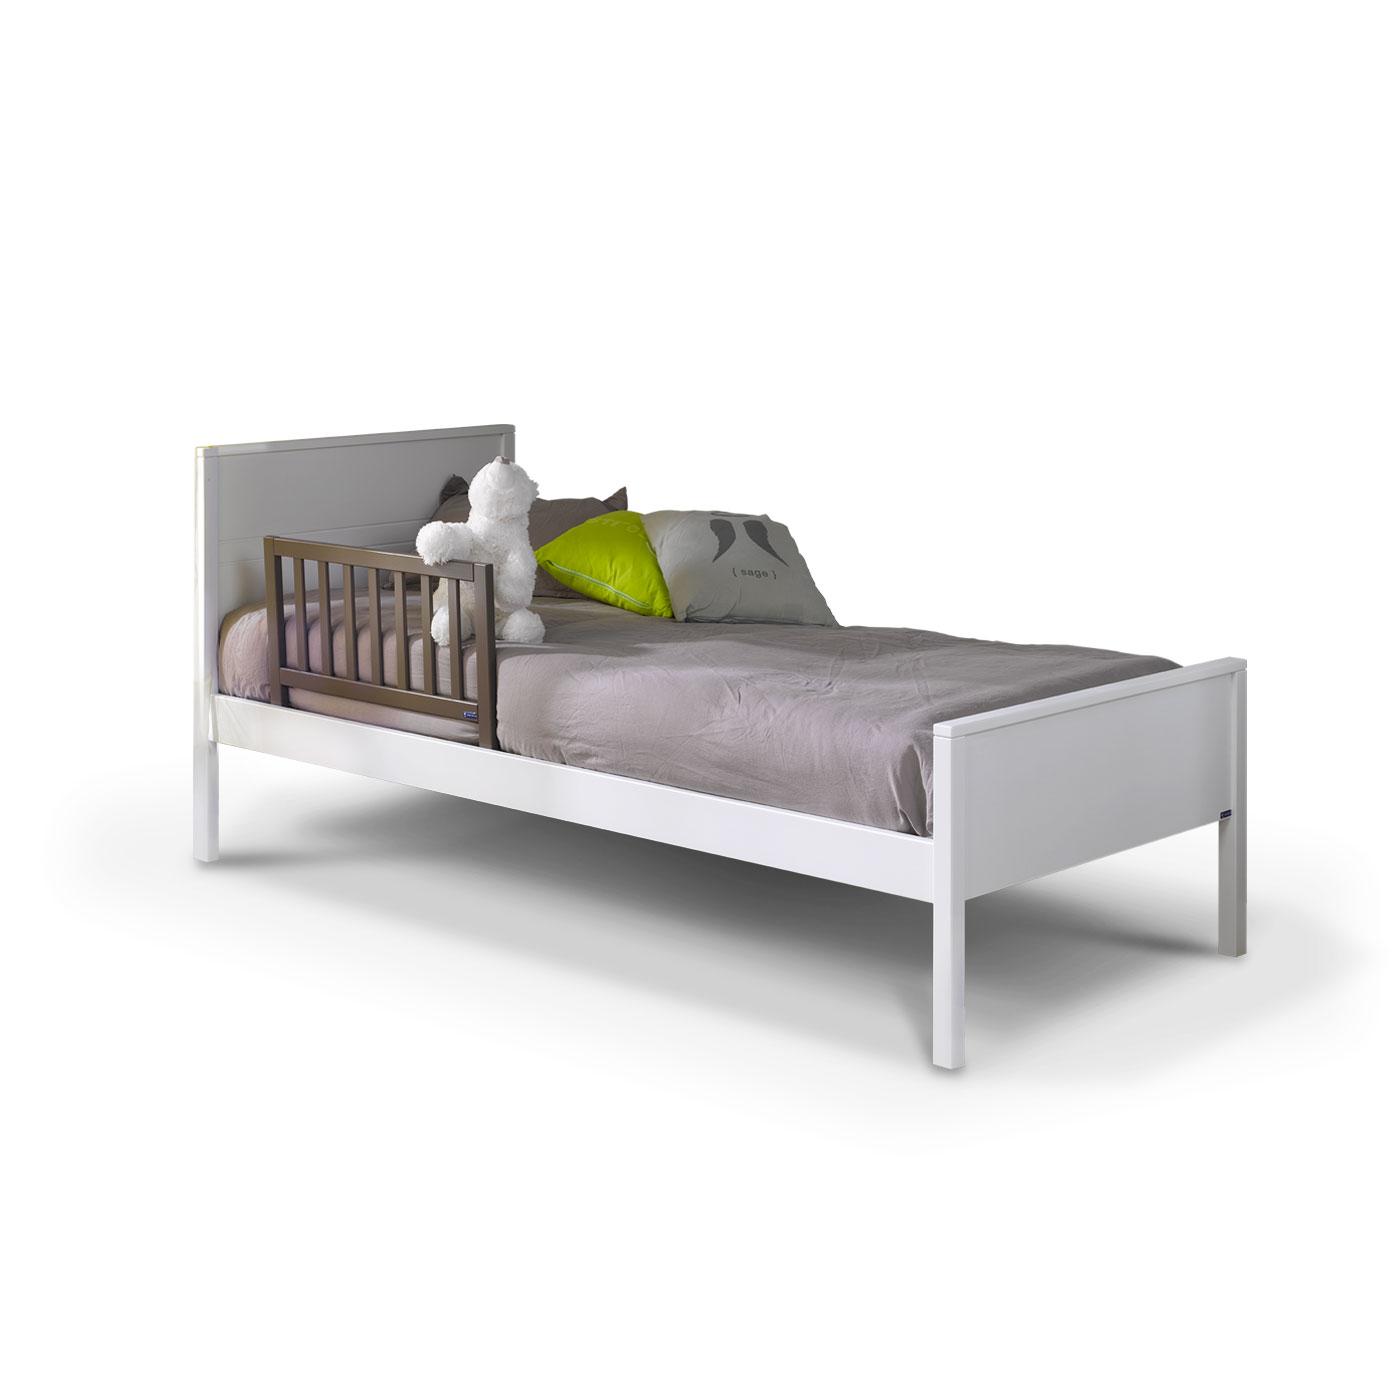 barriere de lit enfant 70 cm taupe idkid s